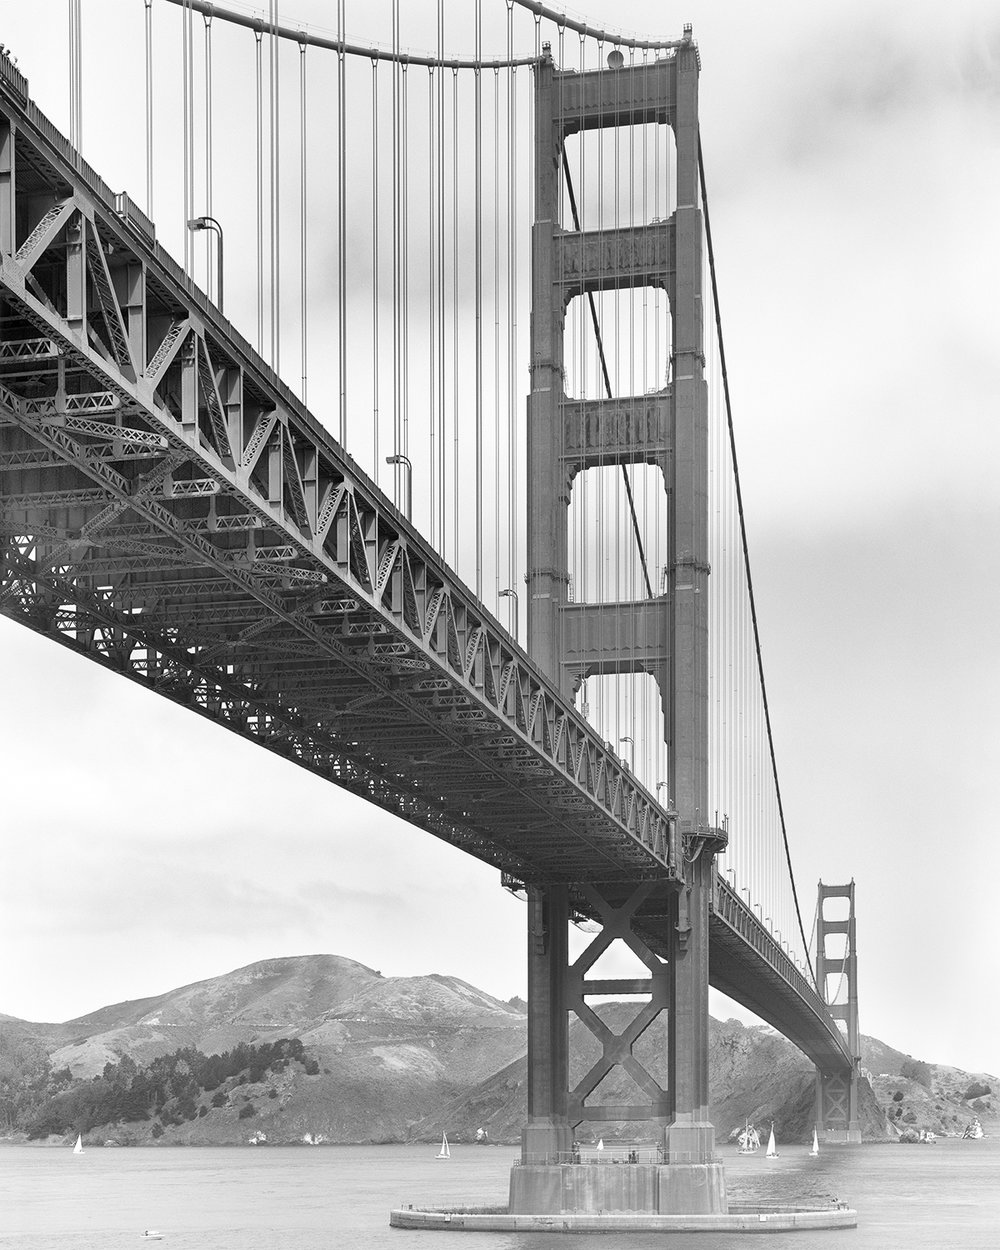 Golden Gate Bridge, San Francisco, 2016